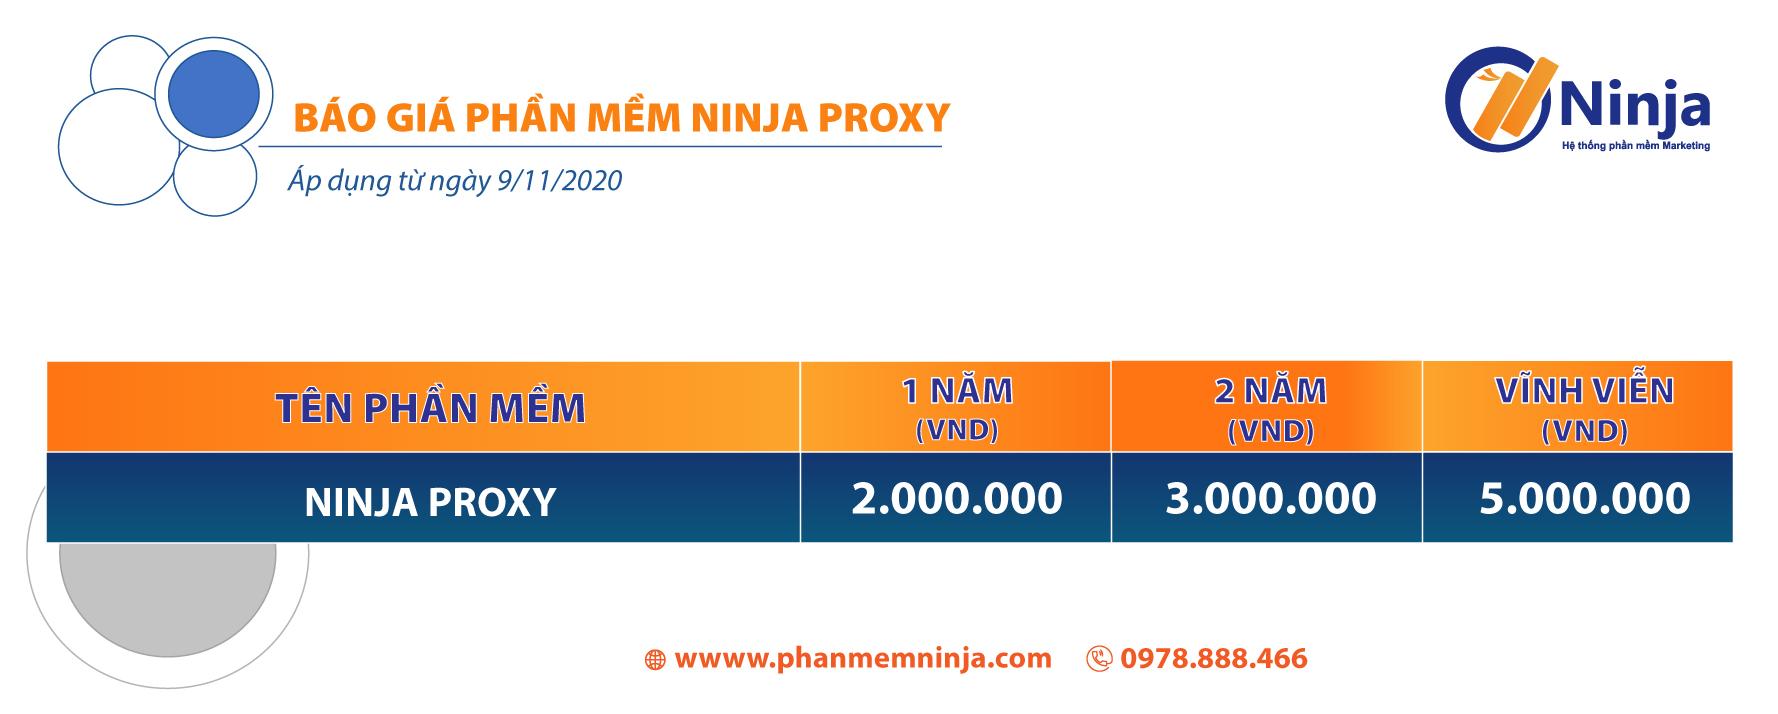 báo giá ninja proxy Ninja Proxy   Hệ thống đổi IP tự động hoàn toàn mới